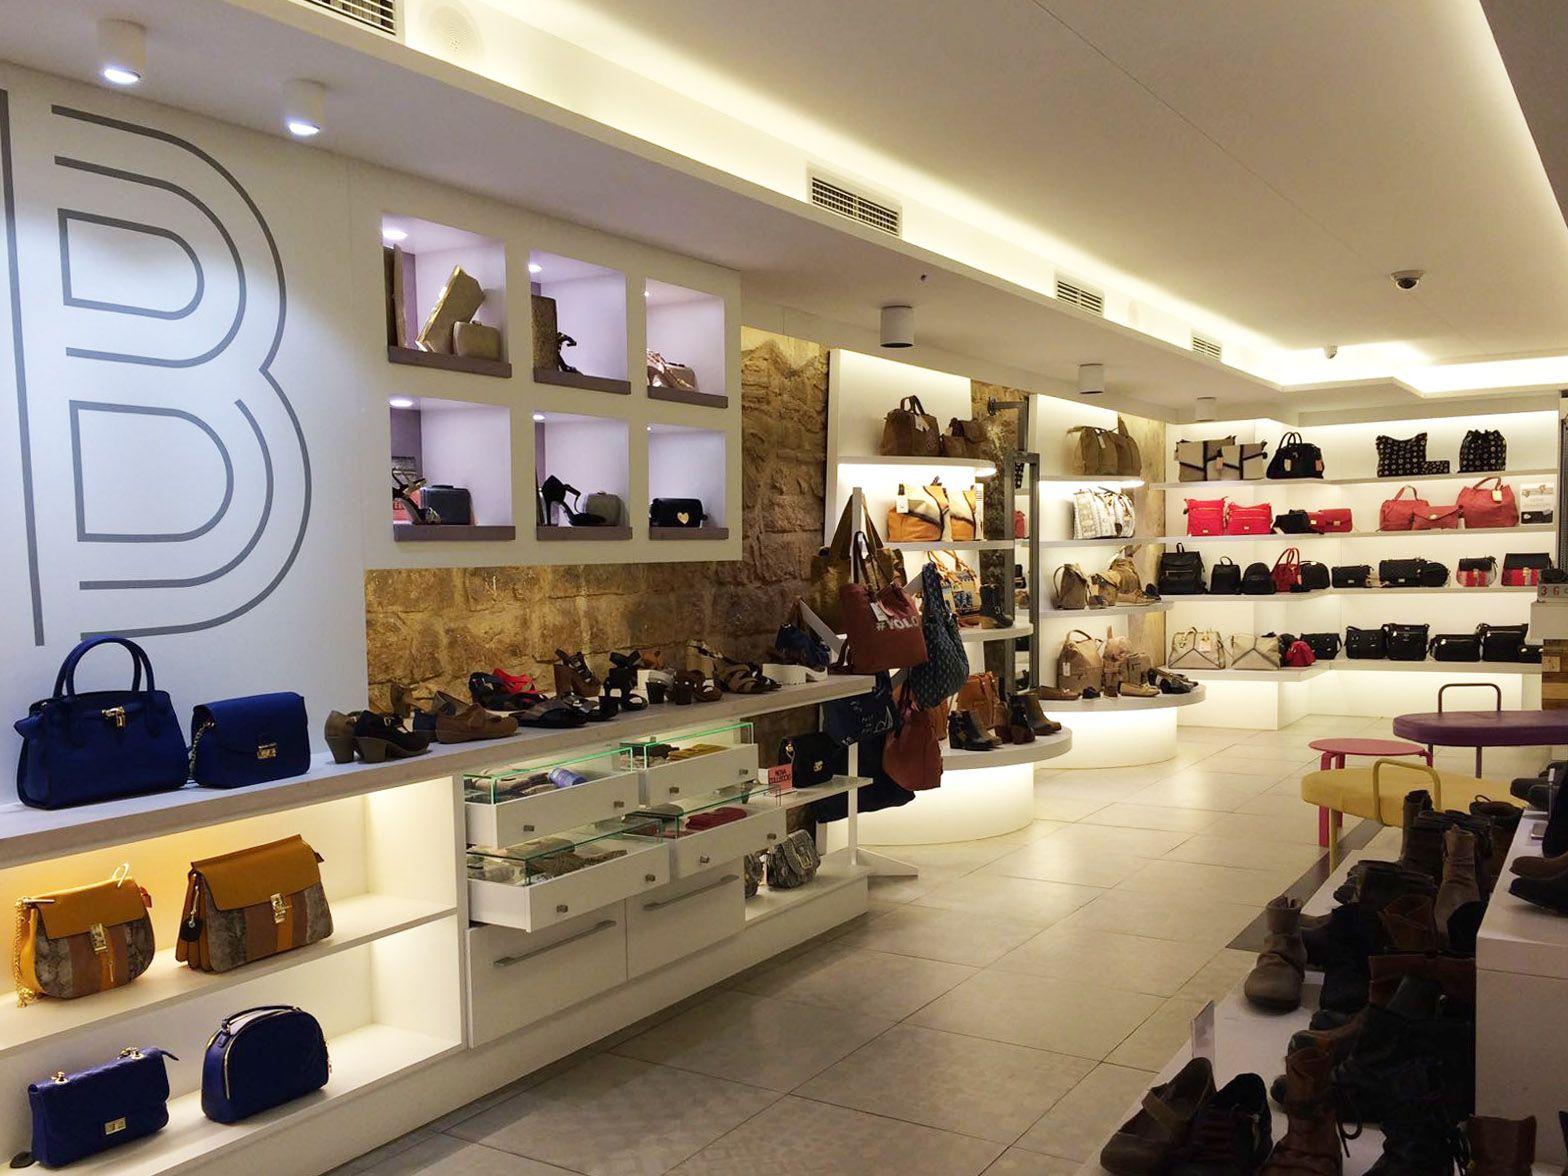 Empresas: Bosanova más joven que nunca. Cambio de imagen corporativa | Autor del artículo: Finanzas.com